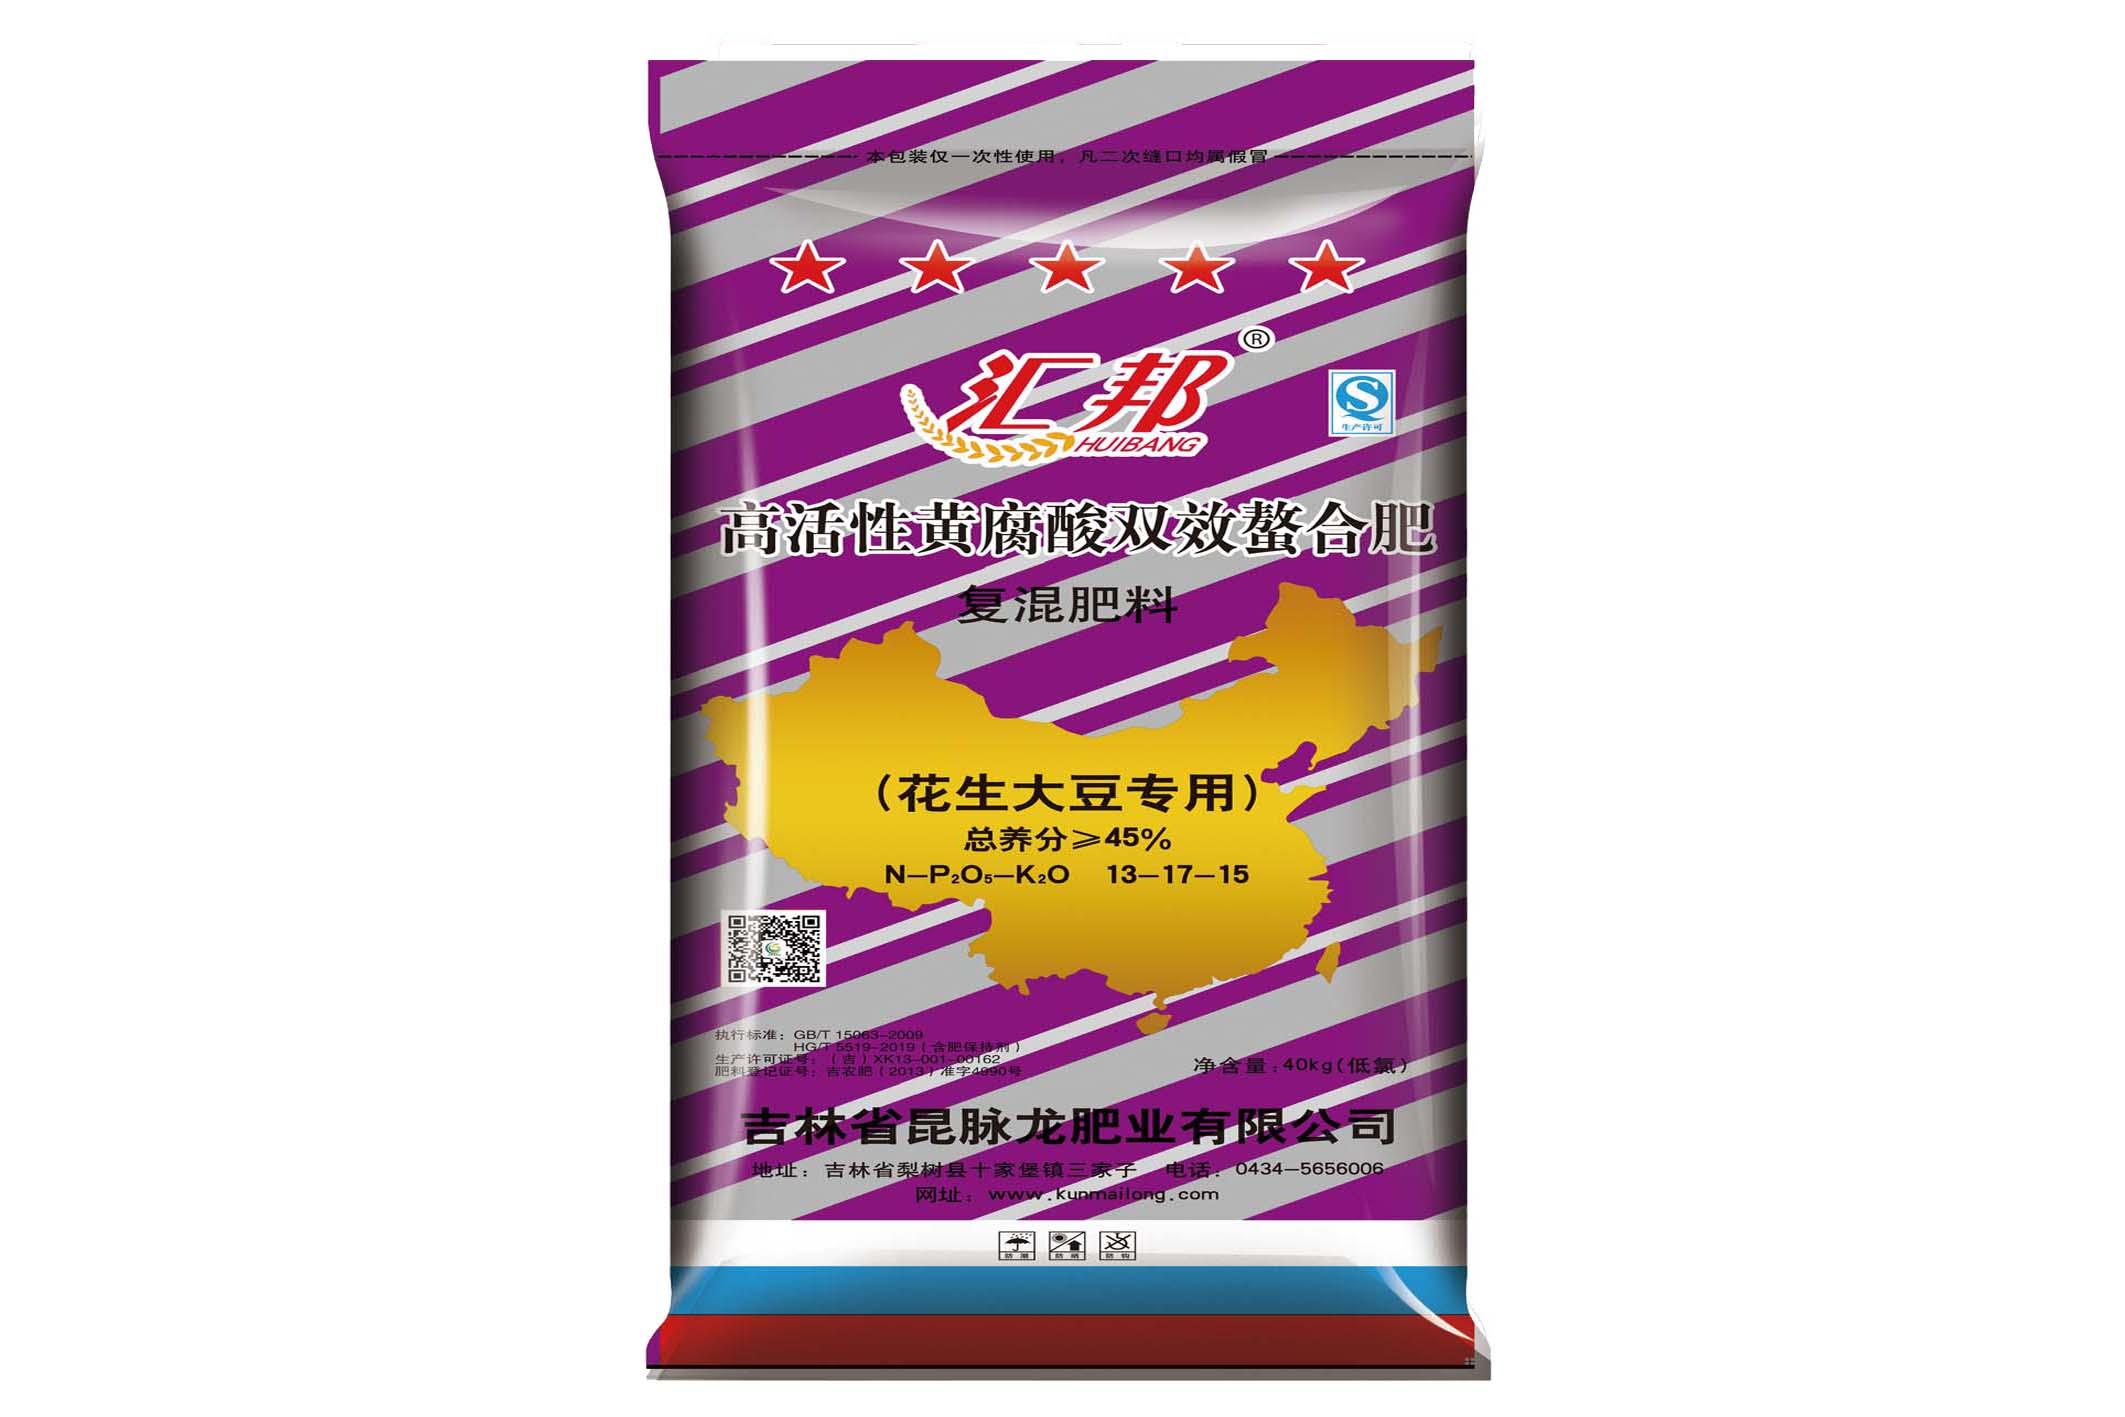 匯邦花生大豆專用螯合肥 復混肥